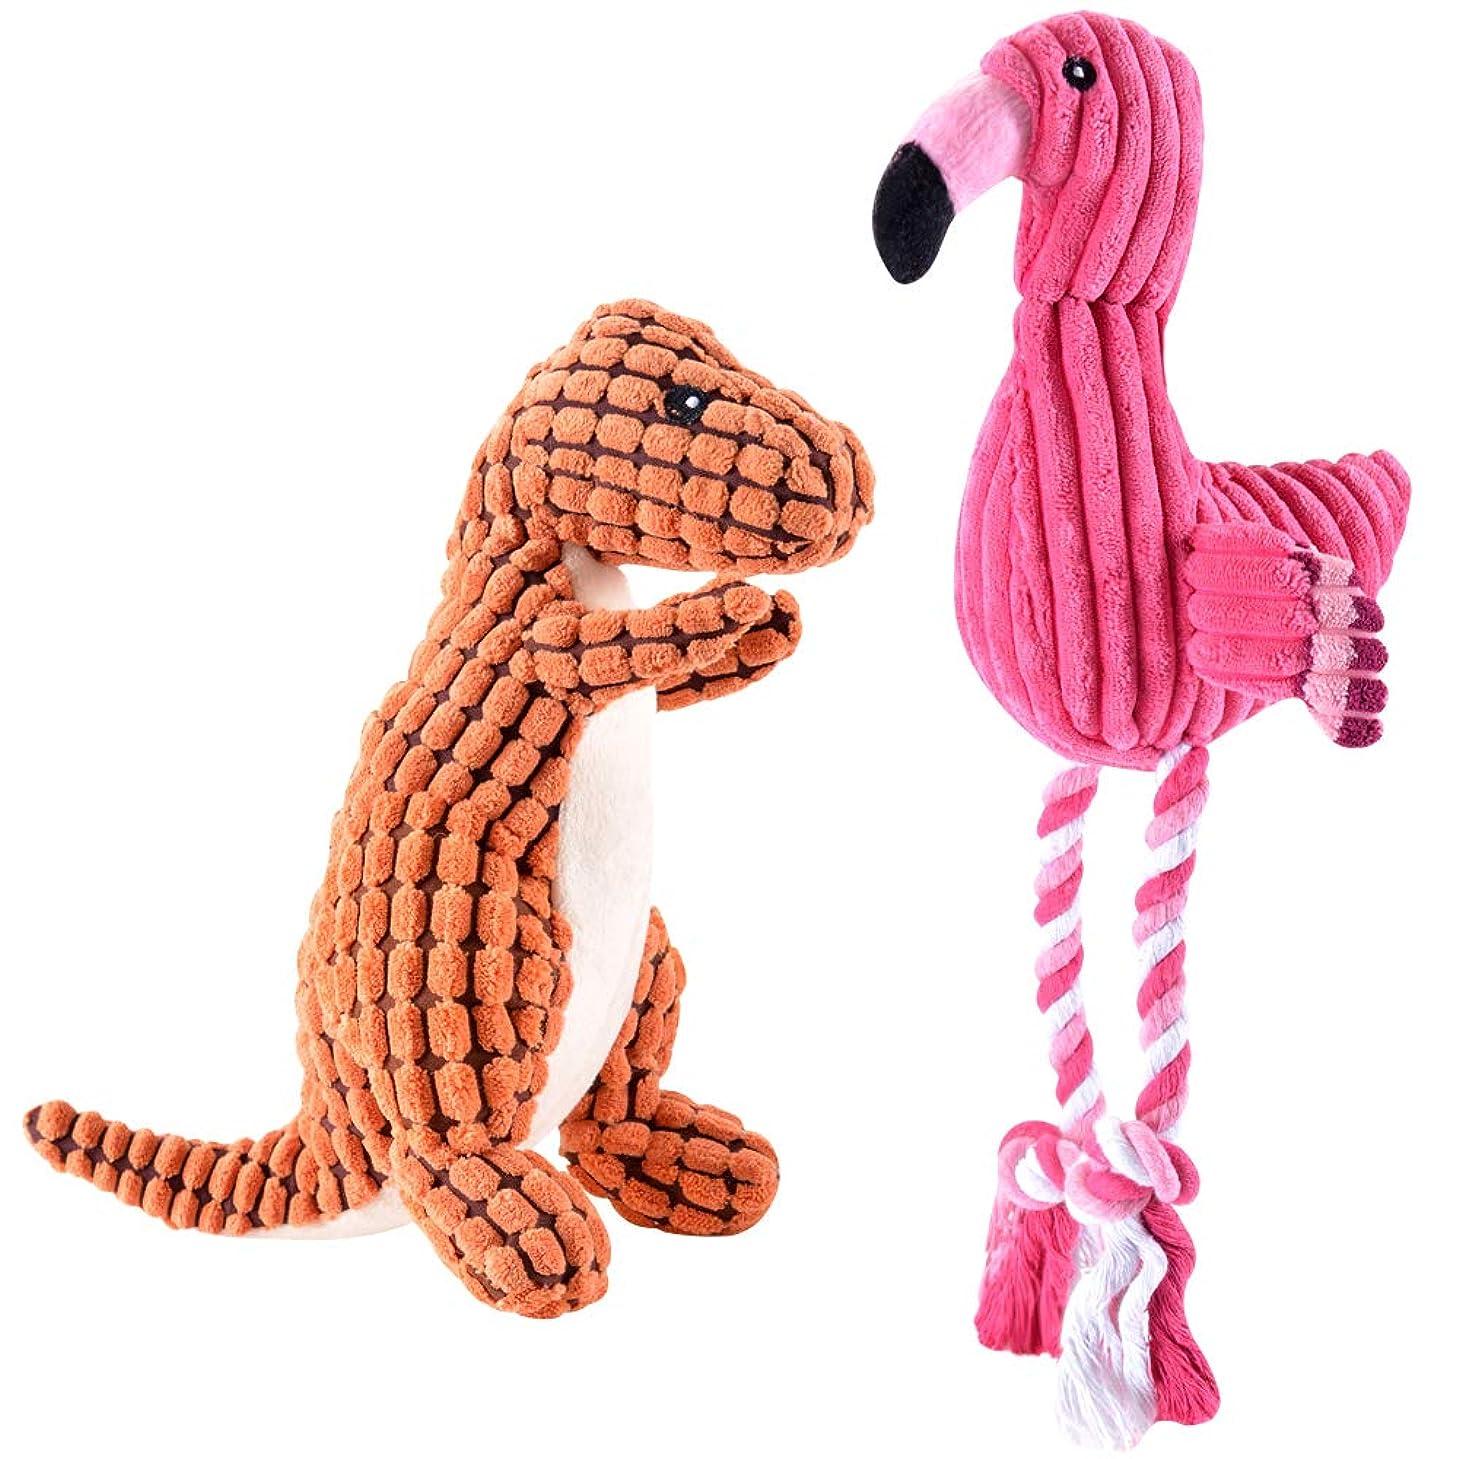 信頼オーケストラ夏ロープ おもちゃ 犬猫用 ストレス解消 ペット用 コットン 訓練用ボール 知育 耐久性 丈夫 インタラクティブトイ 歯磨き 清潔用 小、中型犬に適用 (3個セット)